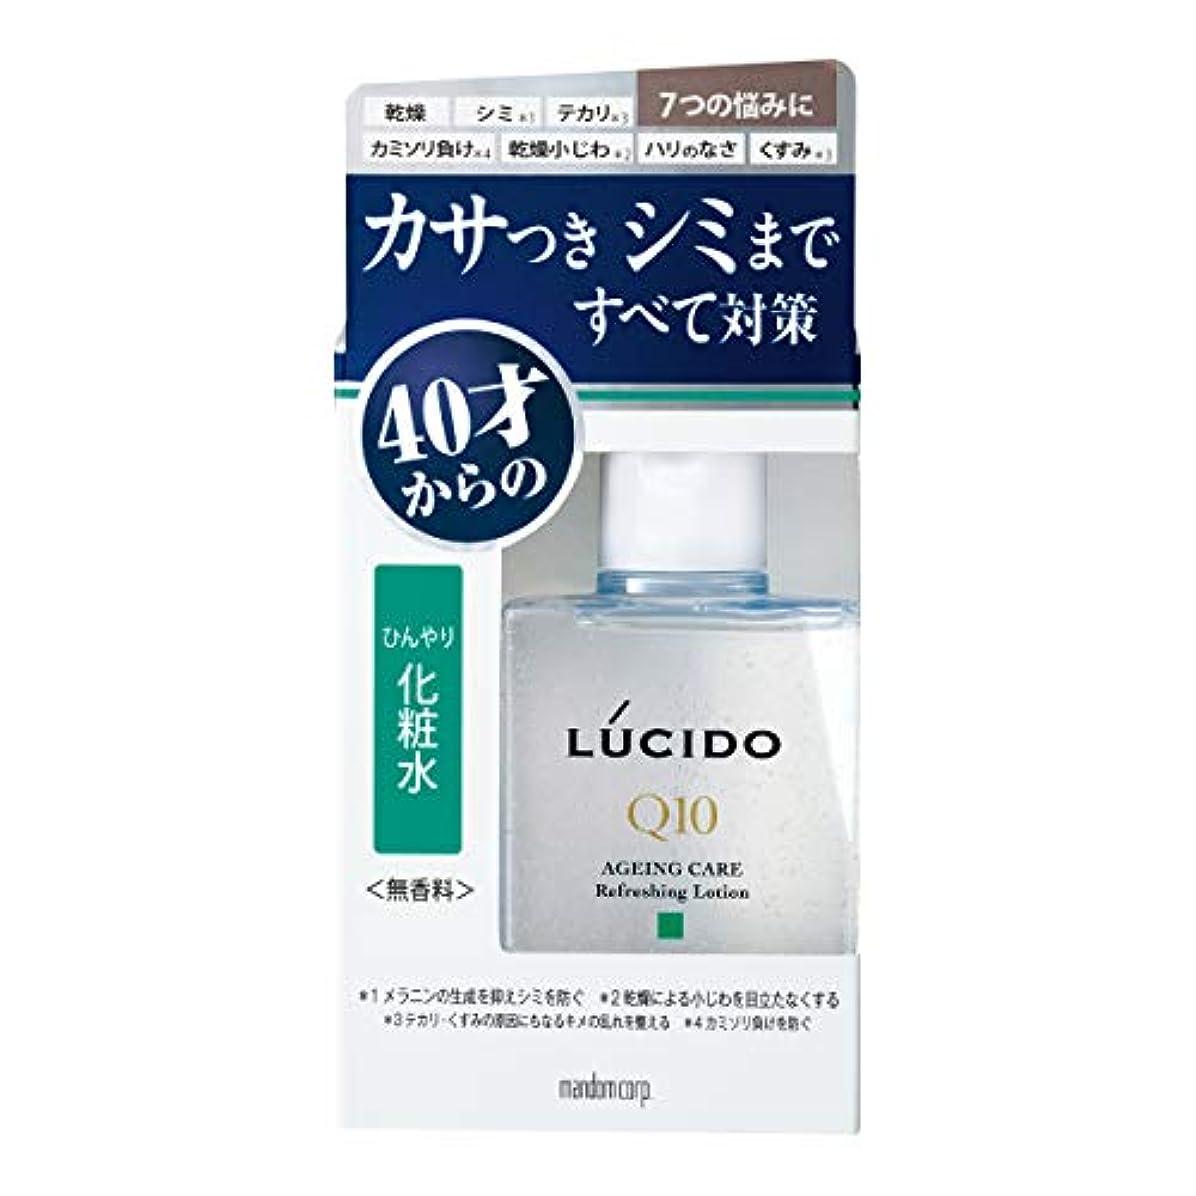 パイ音楽家強制的ルシード(LUCIDO)薬用 トータルケアひんやり化粧水 メンズ スキンケア さっぱり 110ml(医薬部外品)